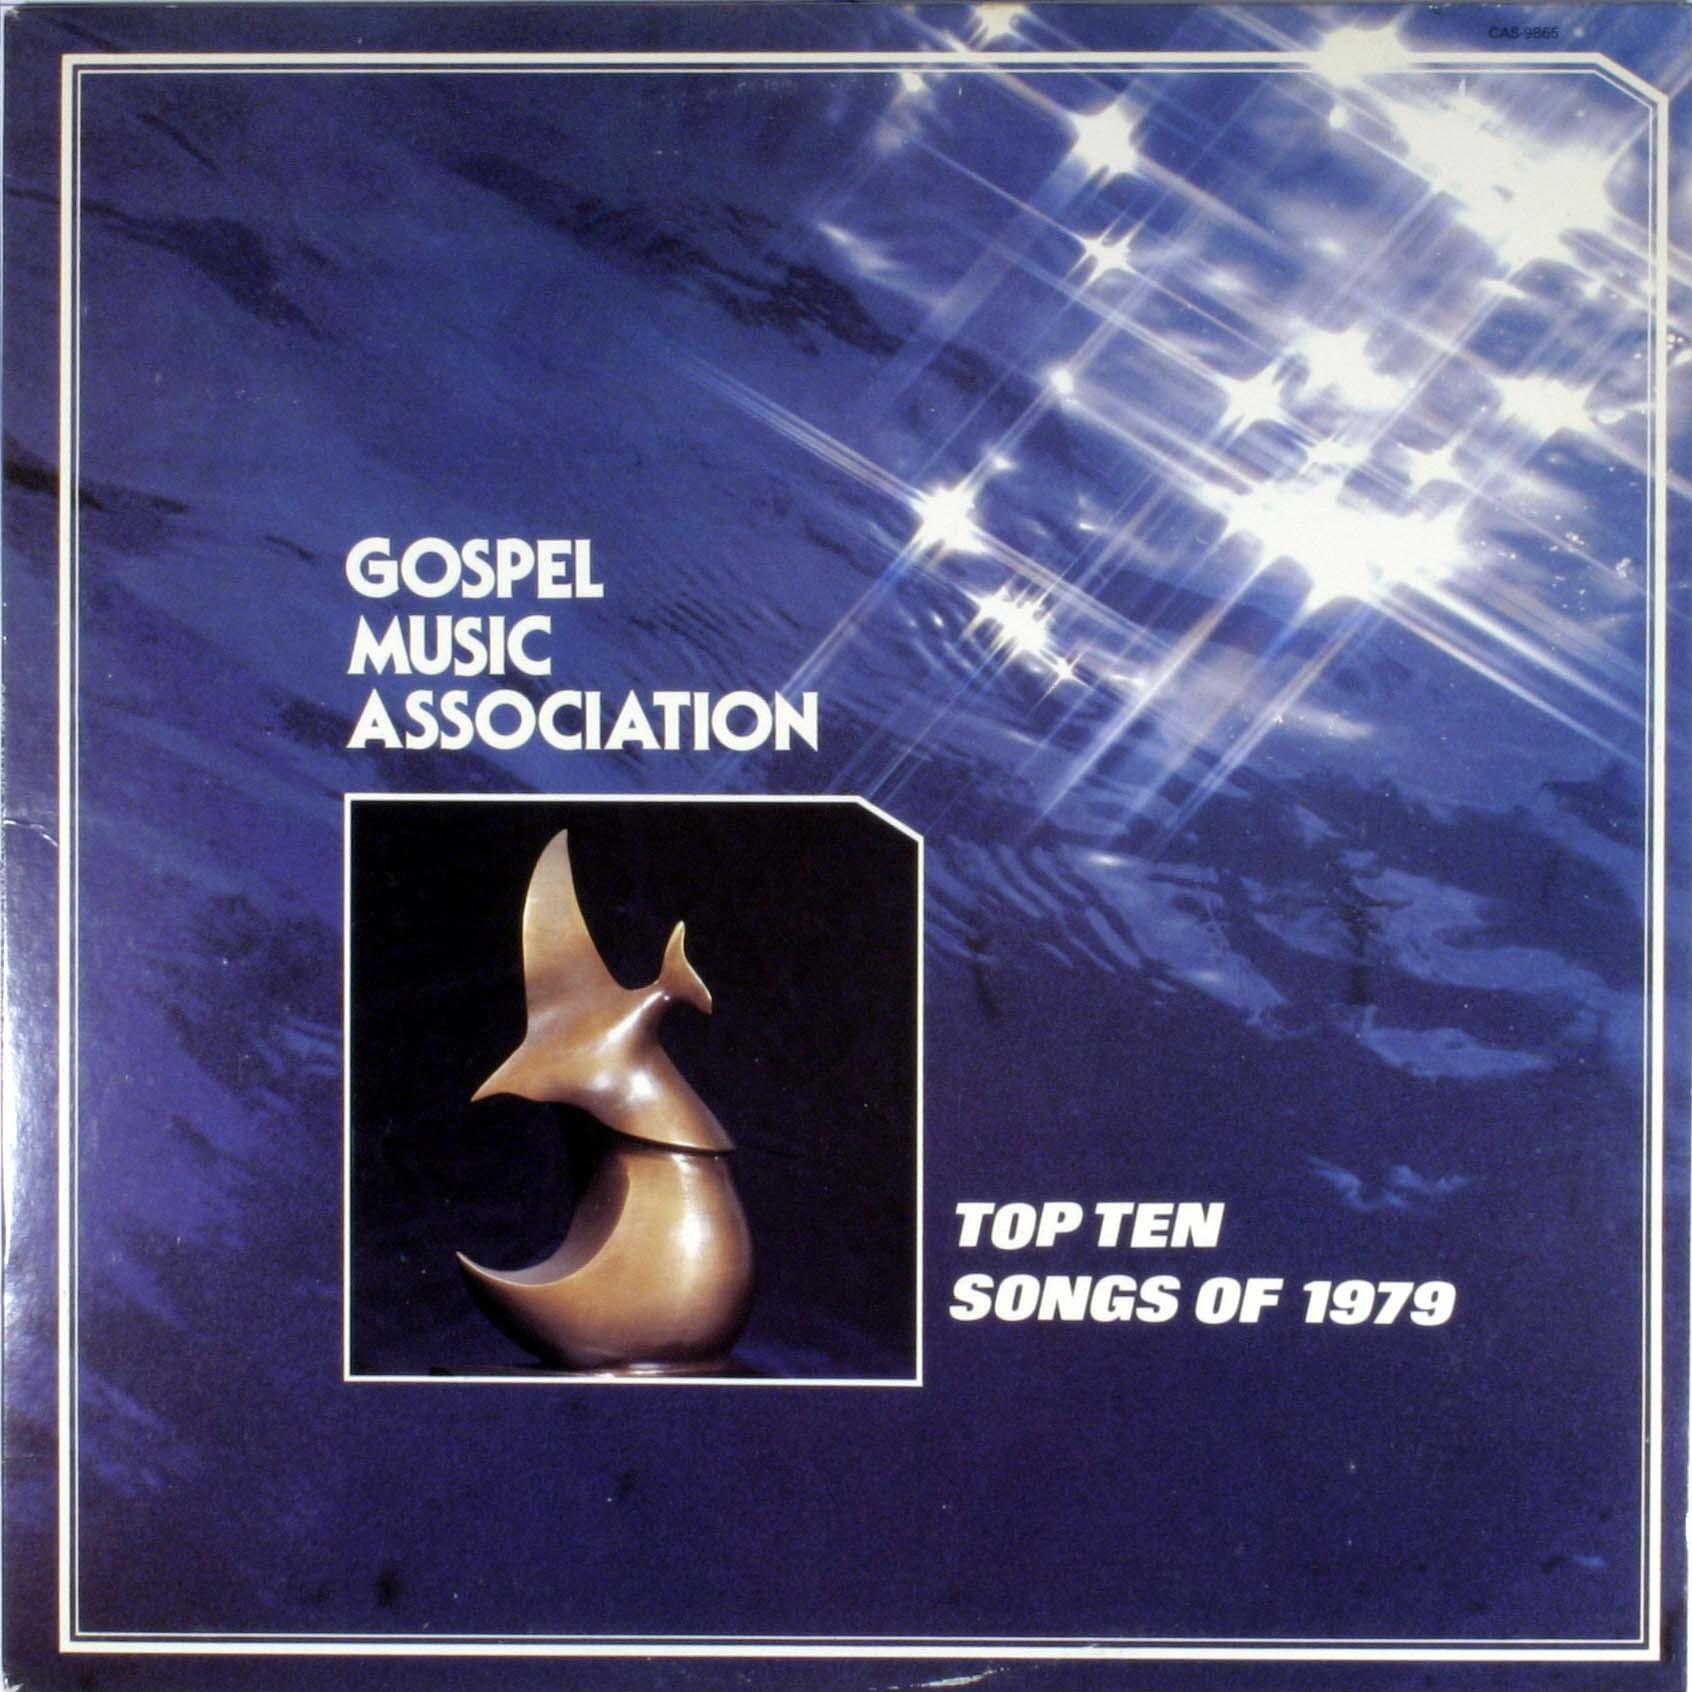 Top Ten Songs Of 1979 - Gospel Music Association